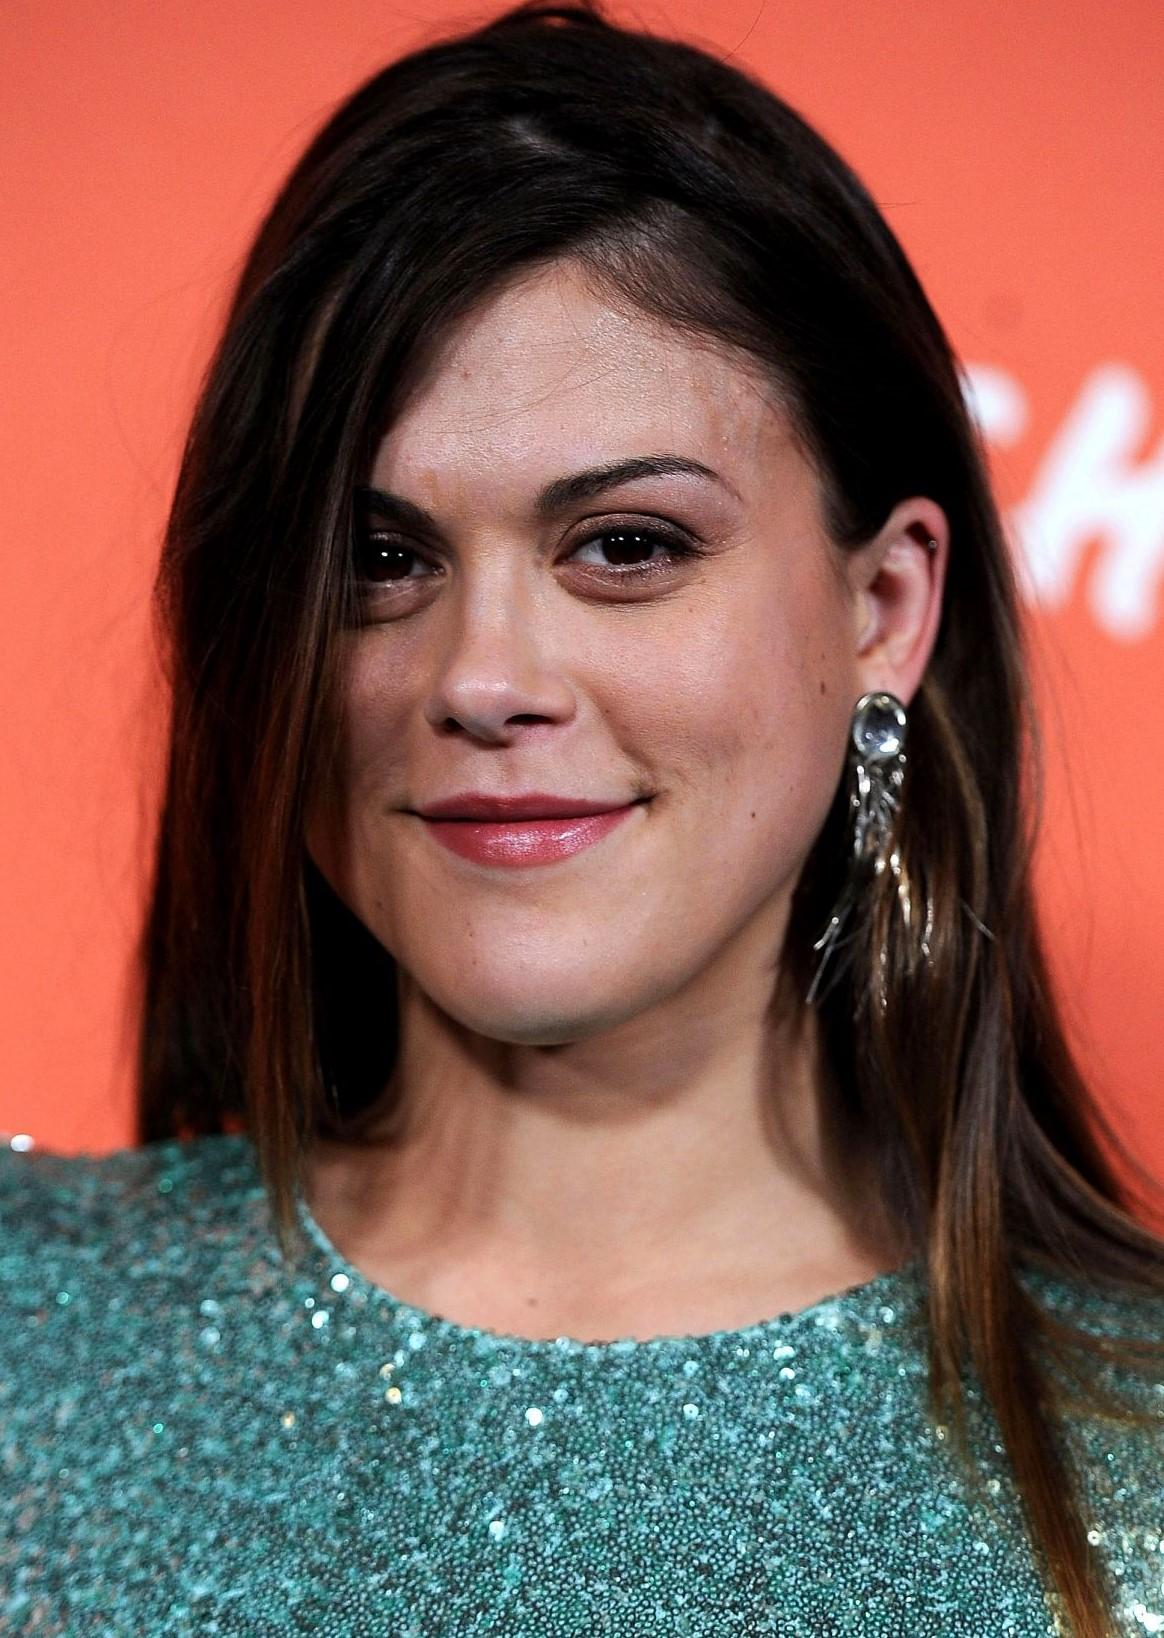 Foto de Lindsey Shaw - Cartel Lindsey Shaw - SensaCine.com